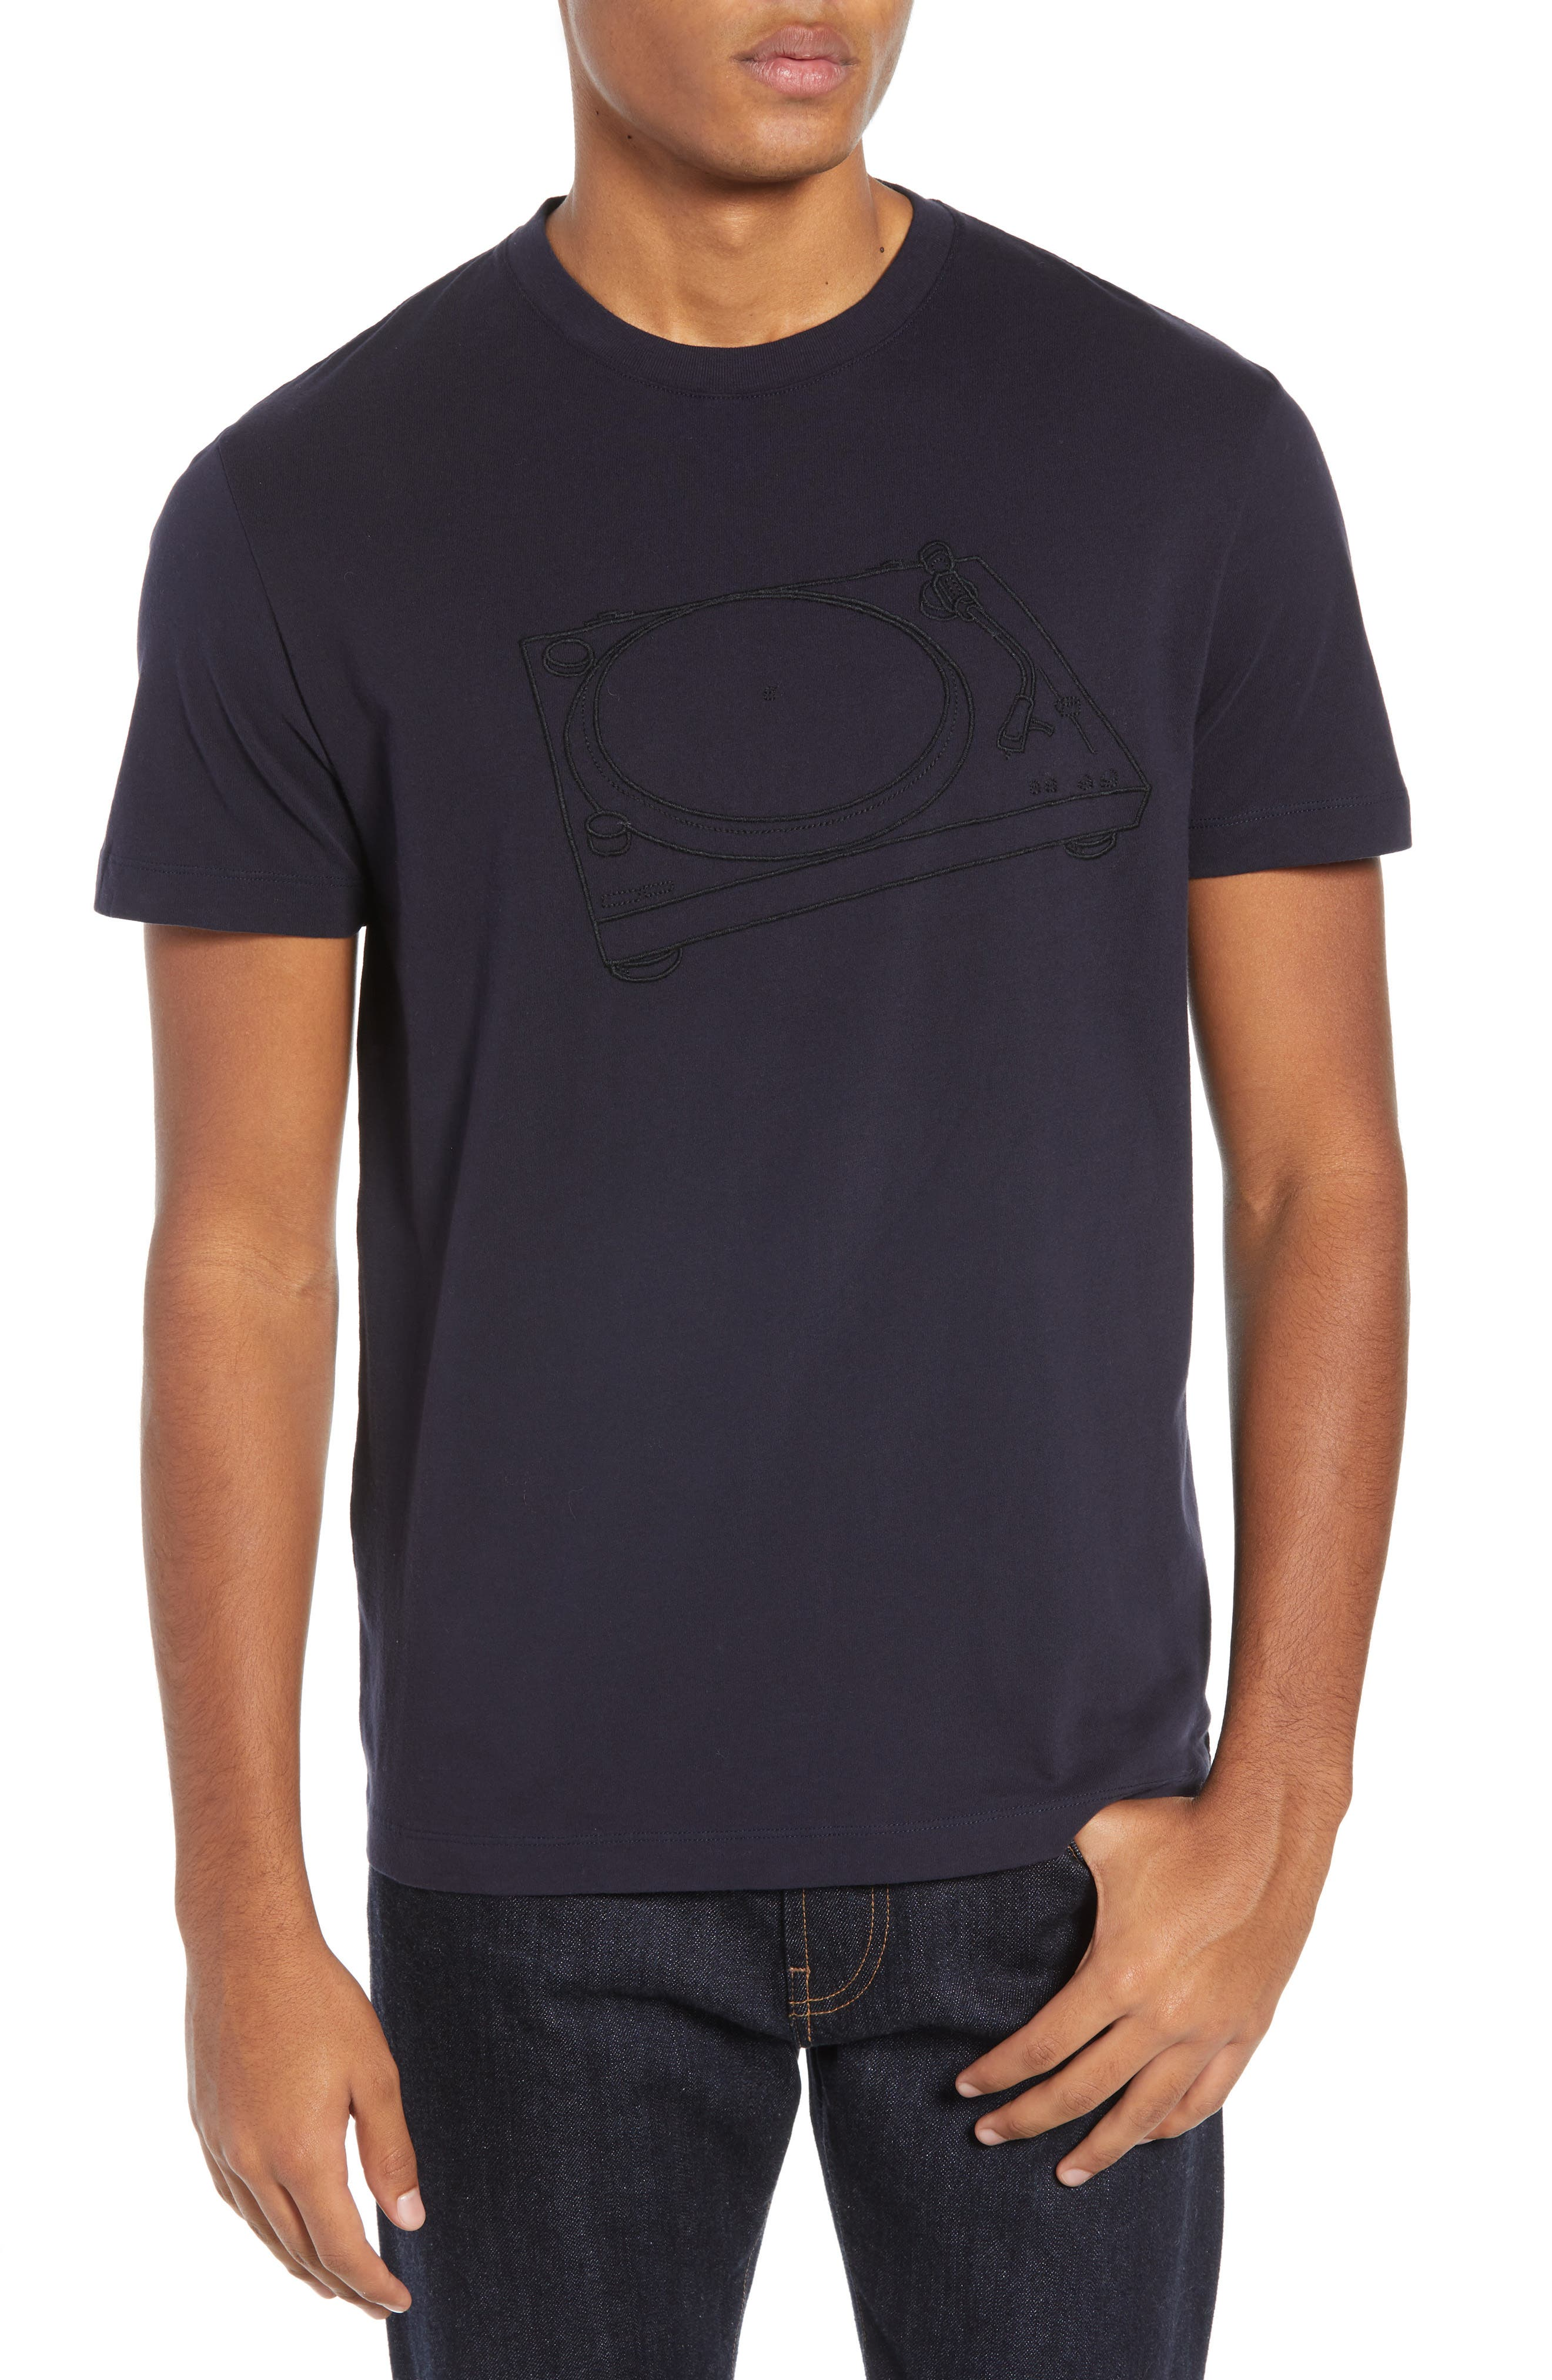 Decks Regular Fit Cotton T-Shirt, Main, color, UTILITY BLUE BLACK